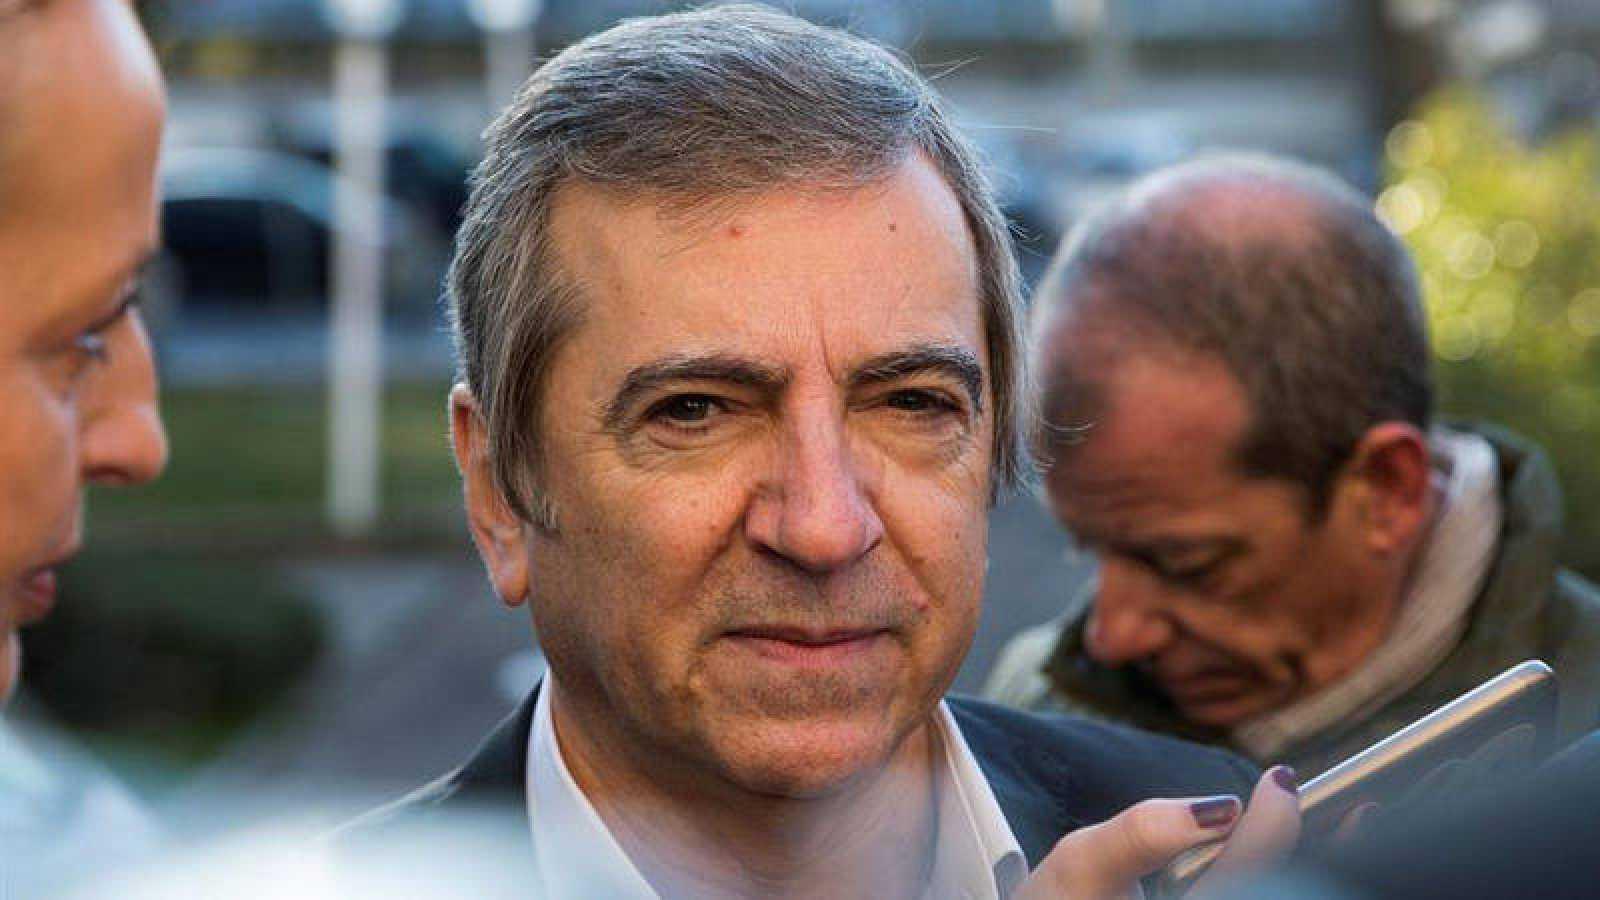 El exjefe de la Policía Local de Coslada a su llegada a la Audiencia Provincial de Madrid en 2018